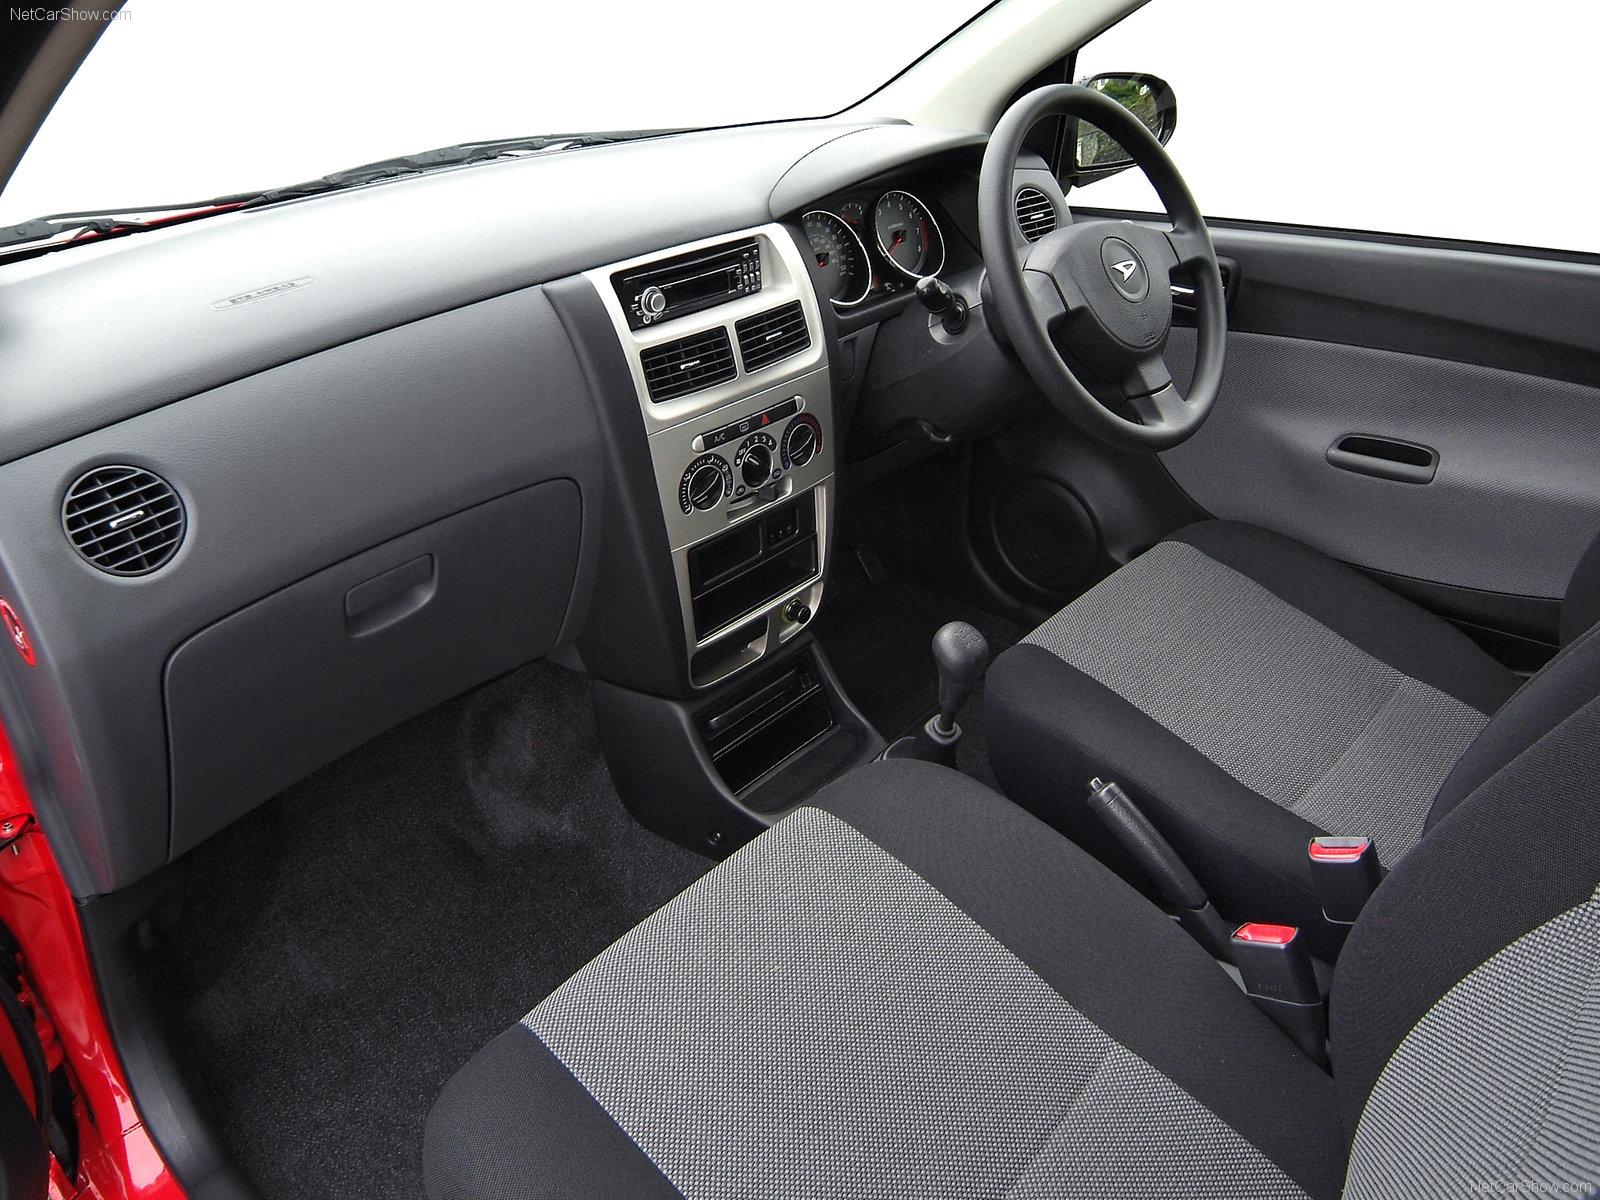 Hình ảnh xe ô tô Daihatsu Charade 2006 & nội ngoại thất